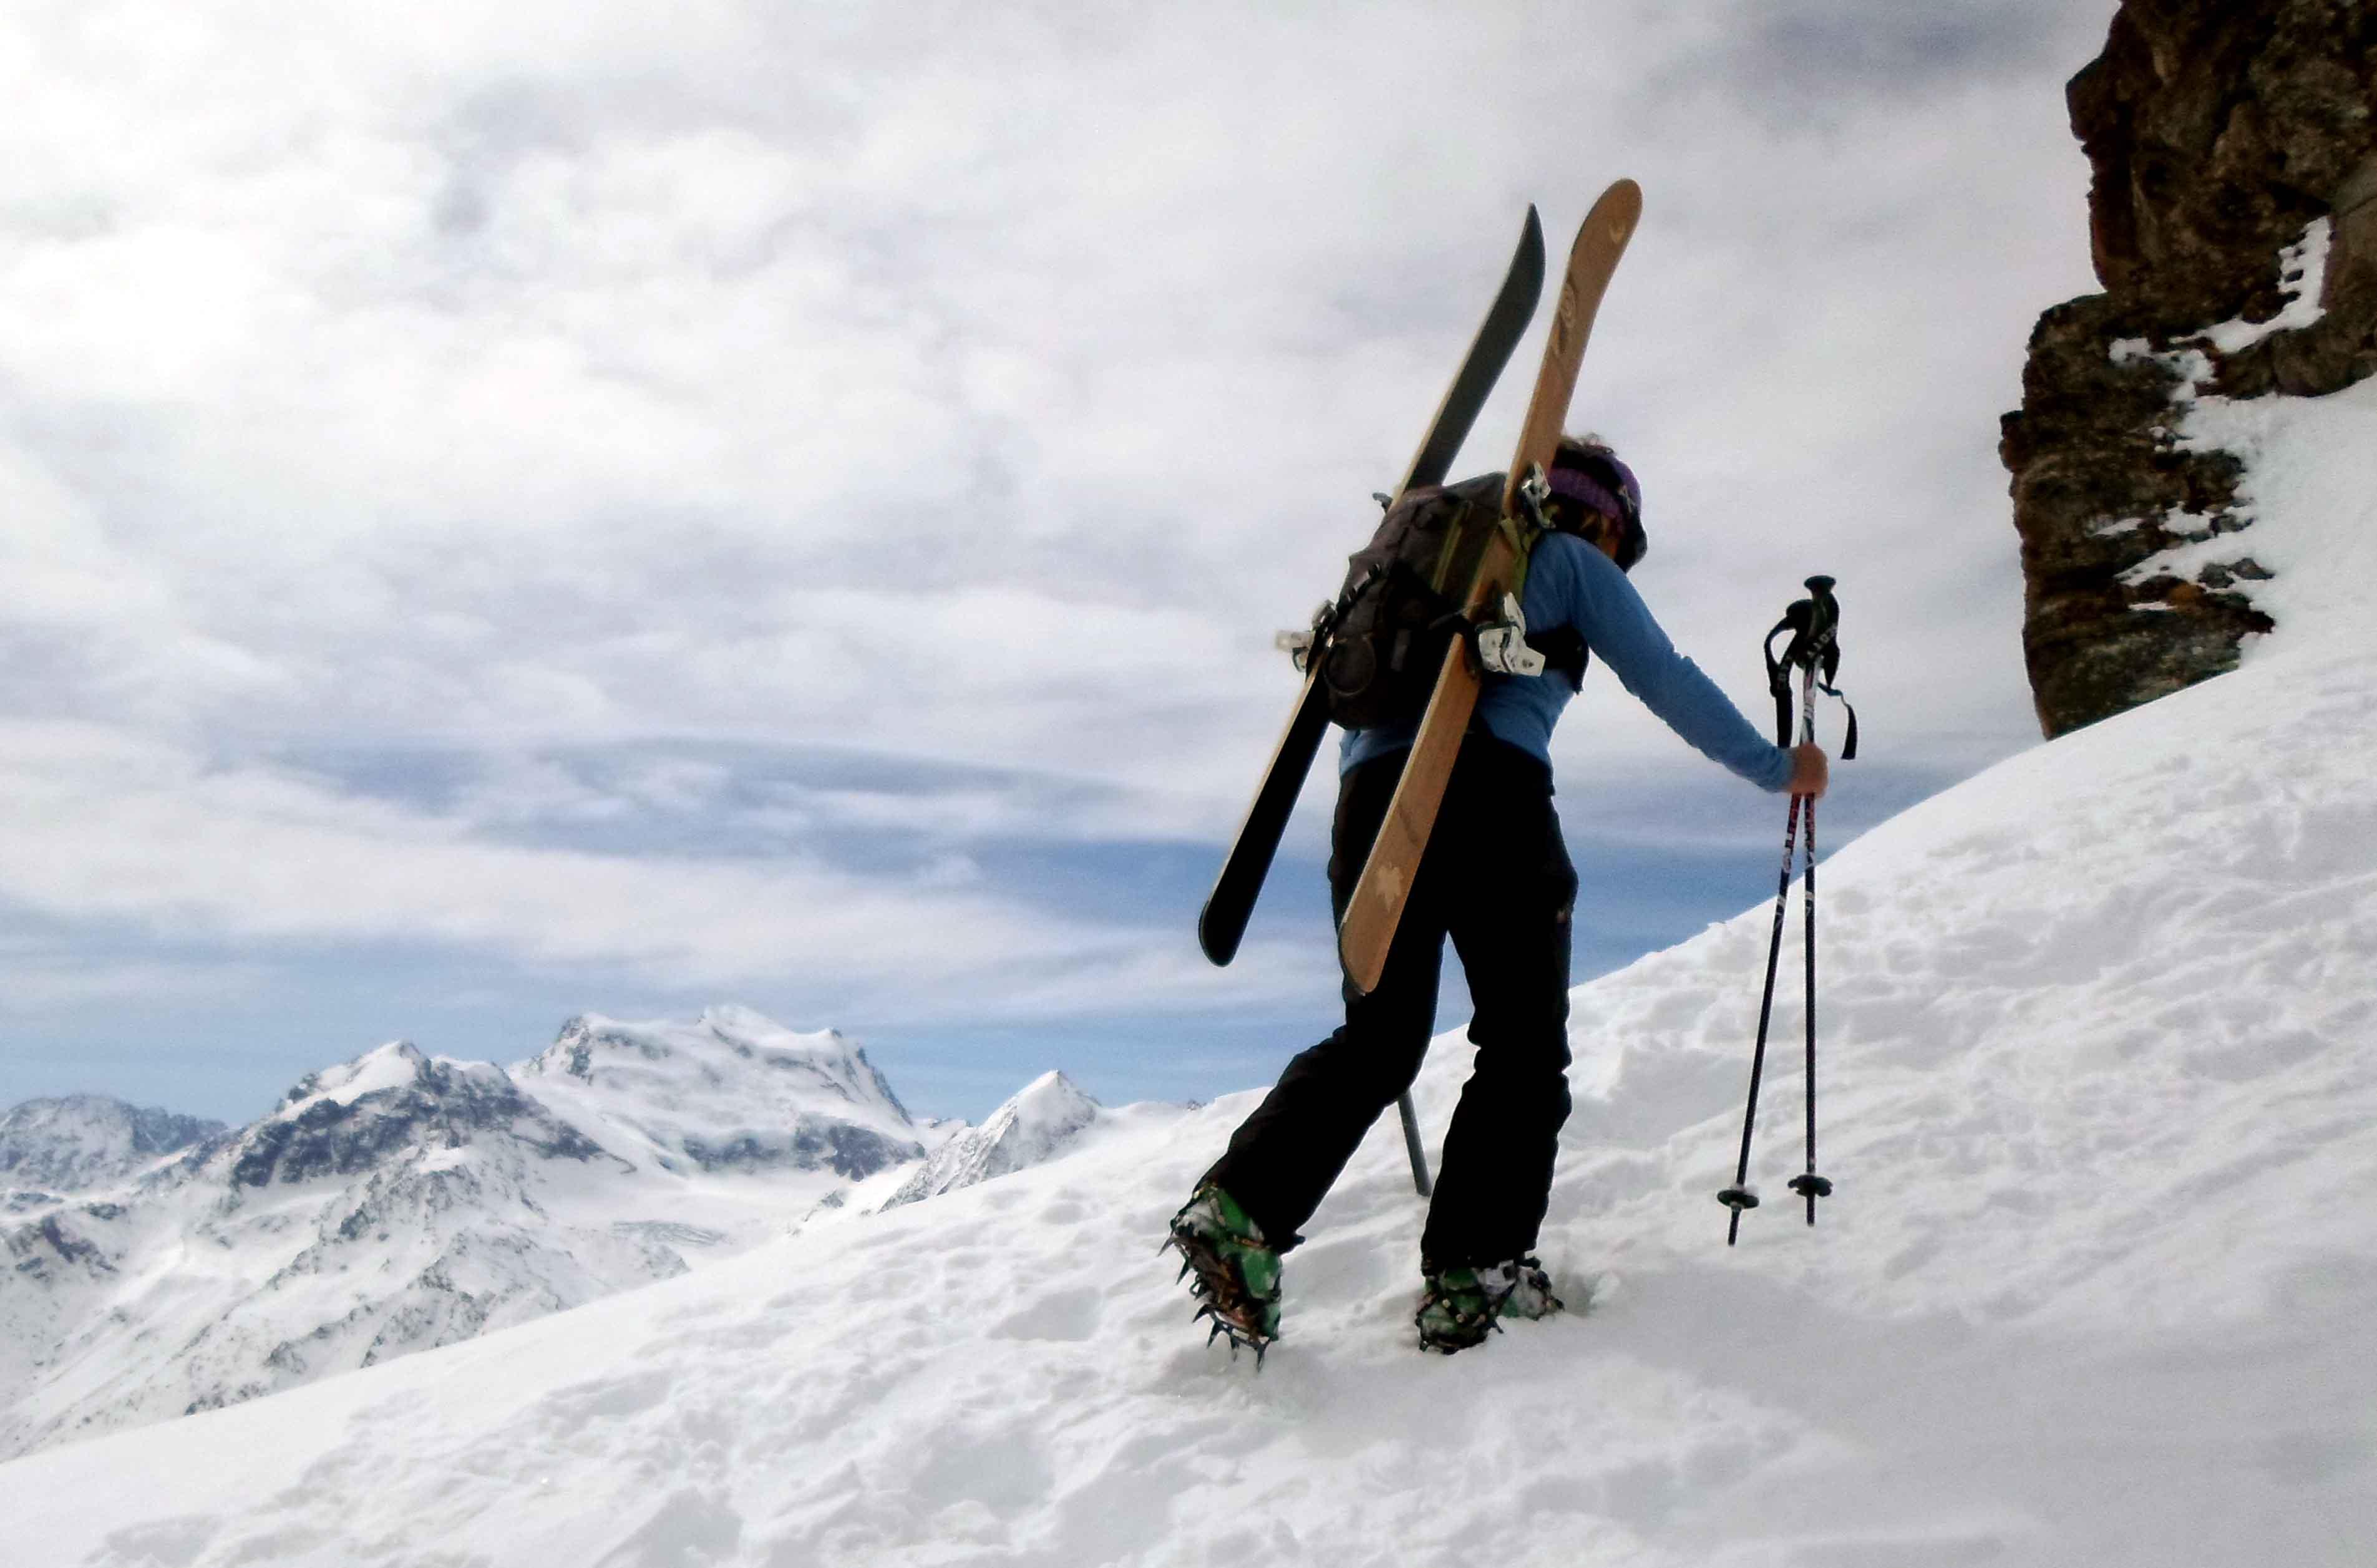 013 Amon Dava ski bois alex crampons